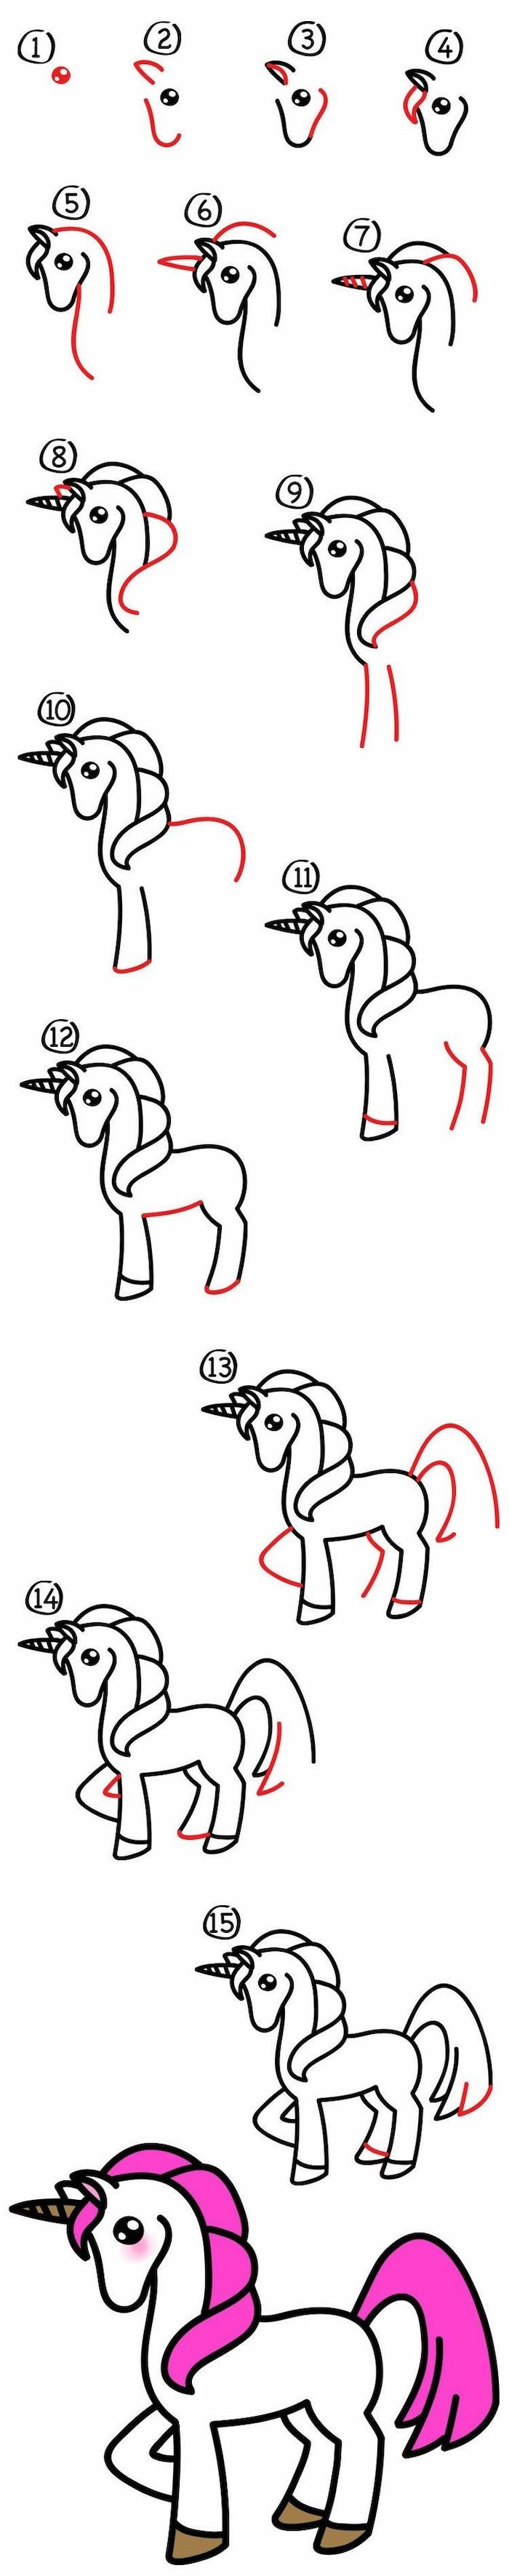 como dibujar un unicornio kawaii facil, fotos de dibujos originales y faciles de hacer, detalles para redibujar en casa